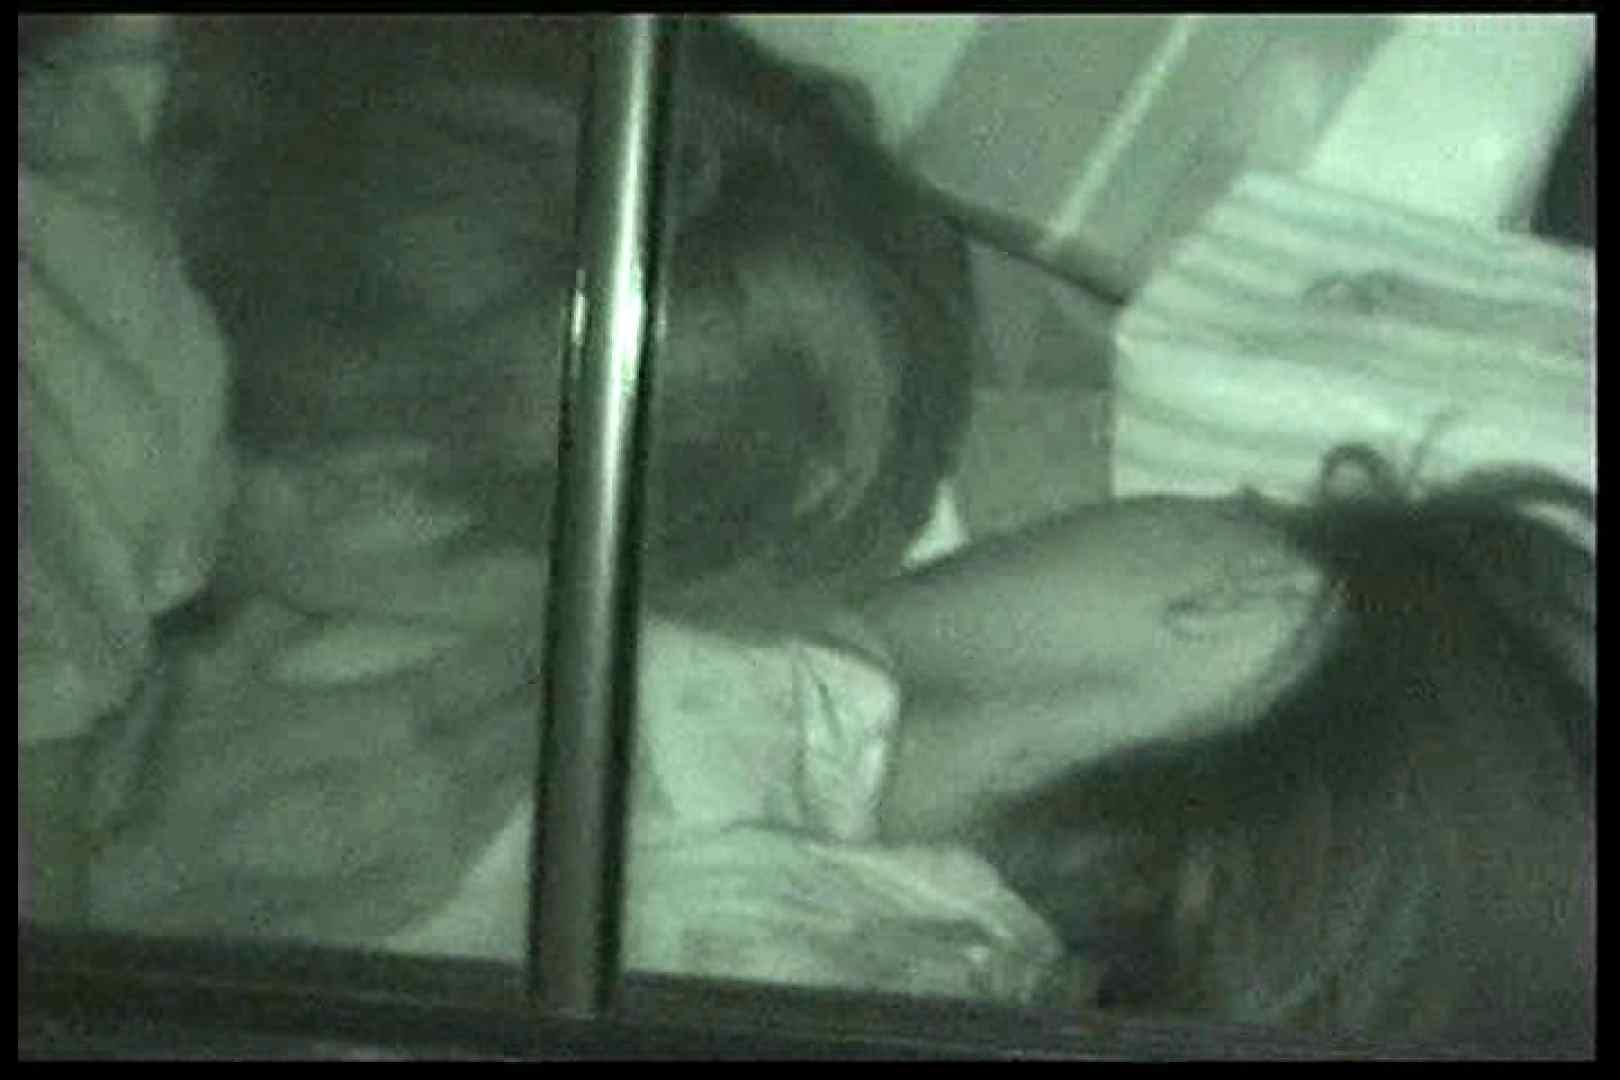 車の中はラブホテル 無修正版  Vol.13 ホテル おめこ無修正画像 65PIX 10